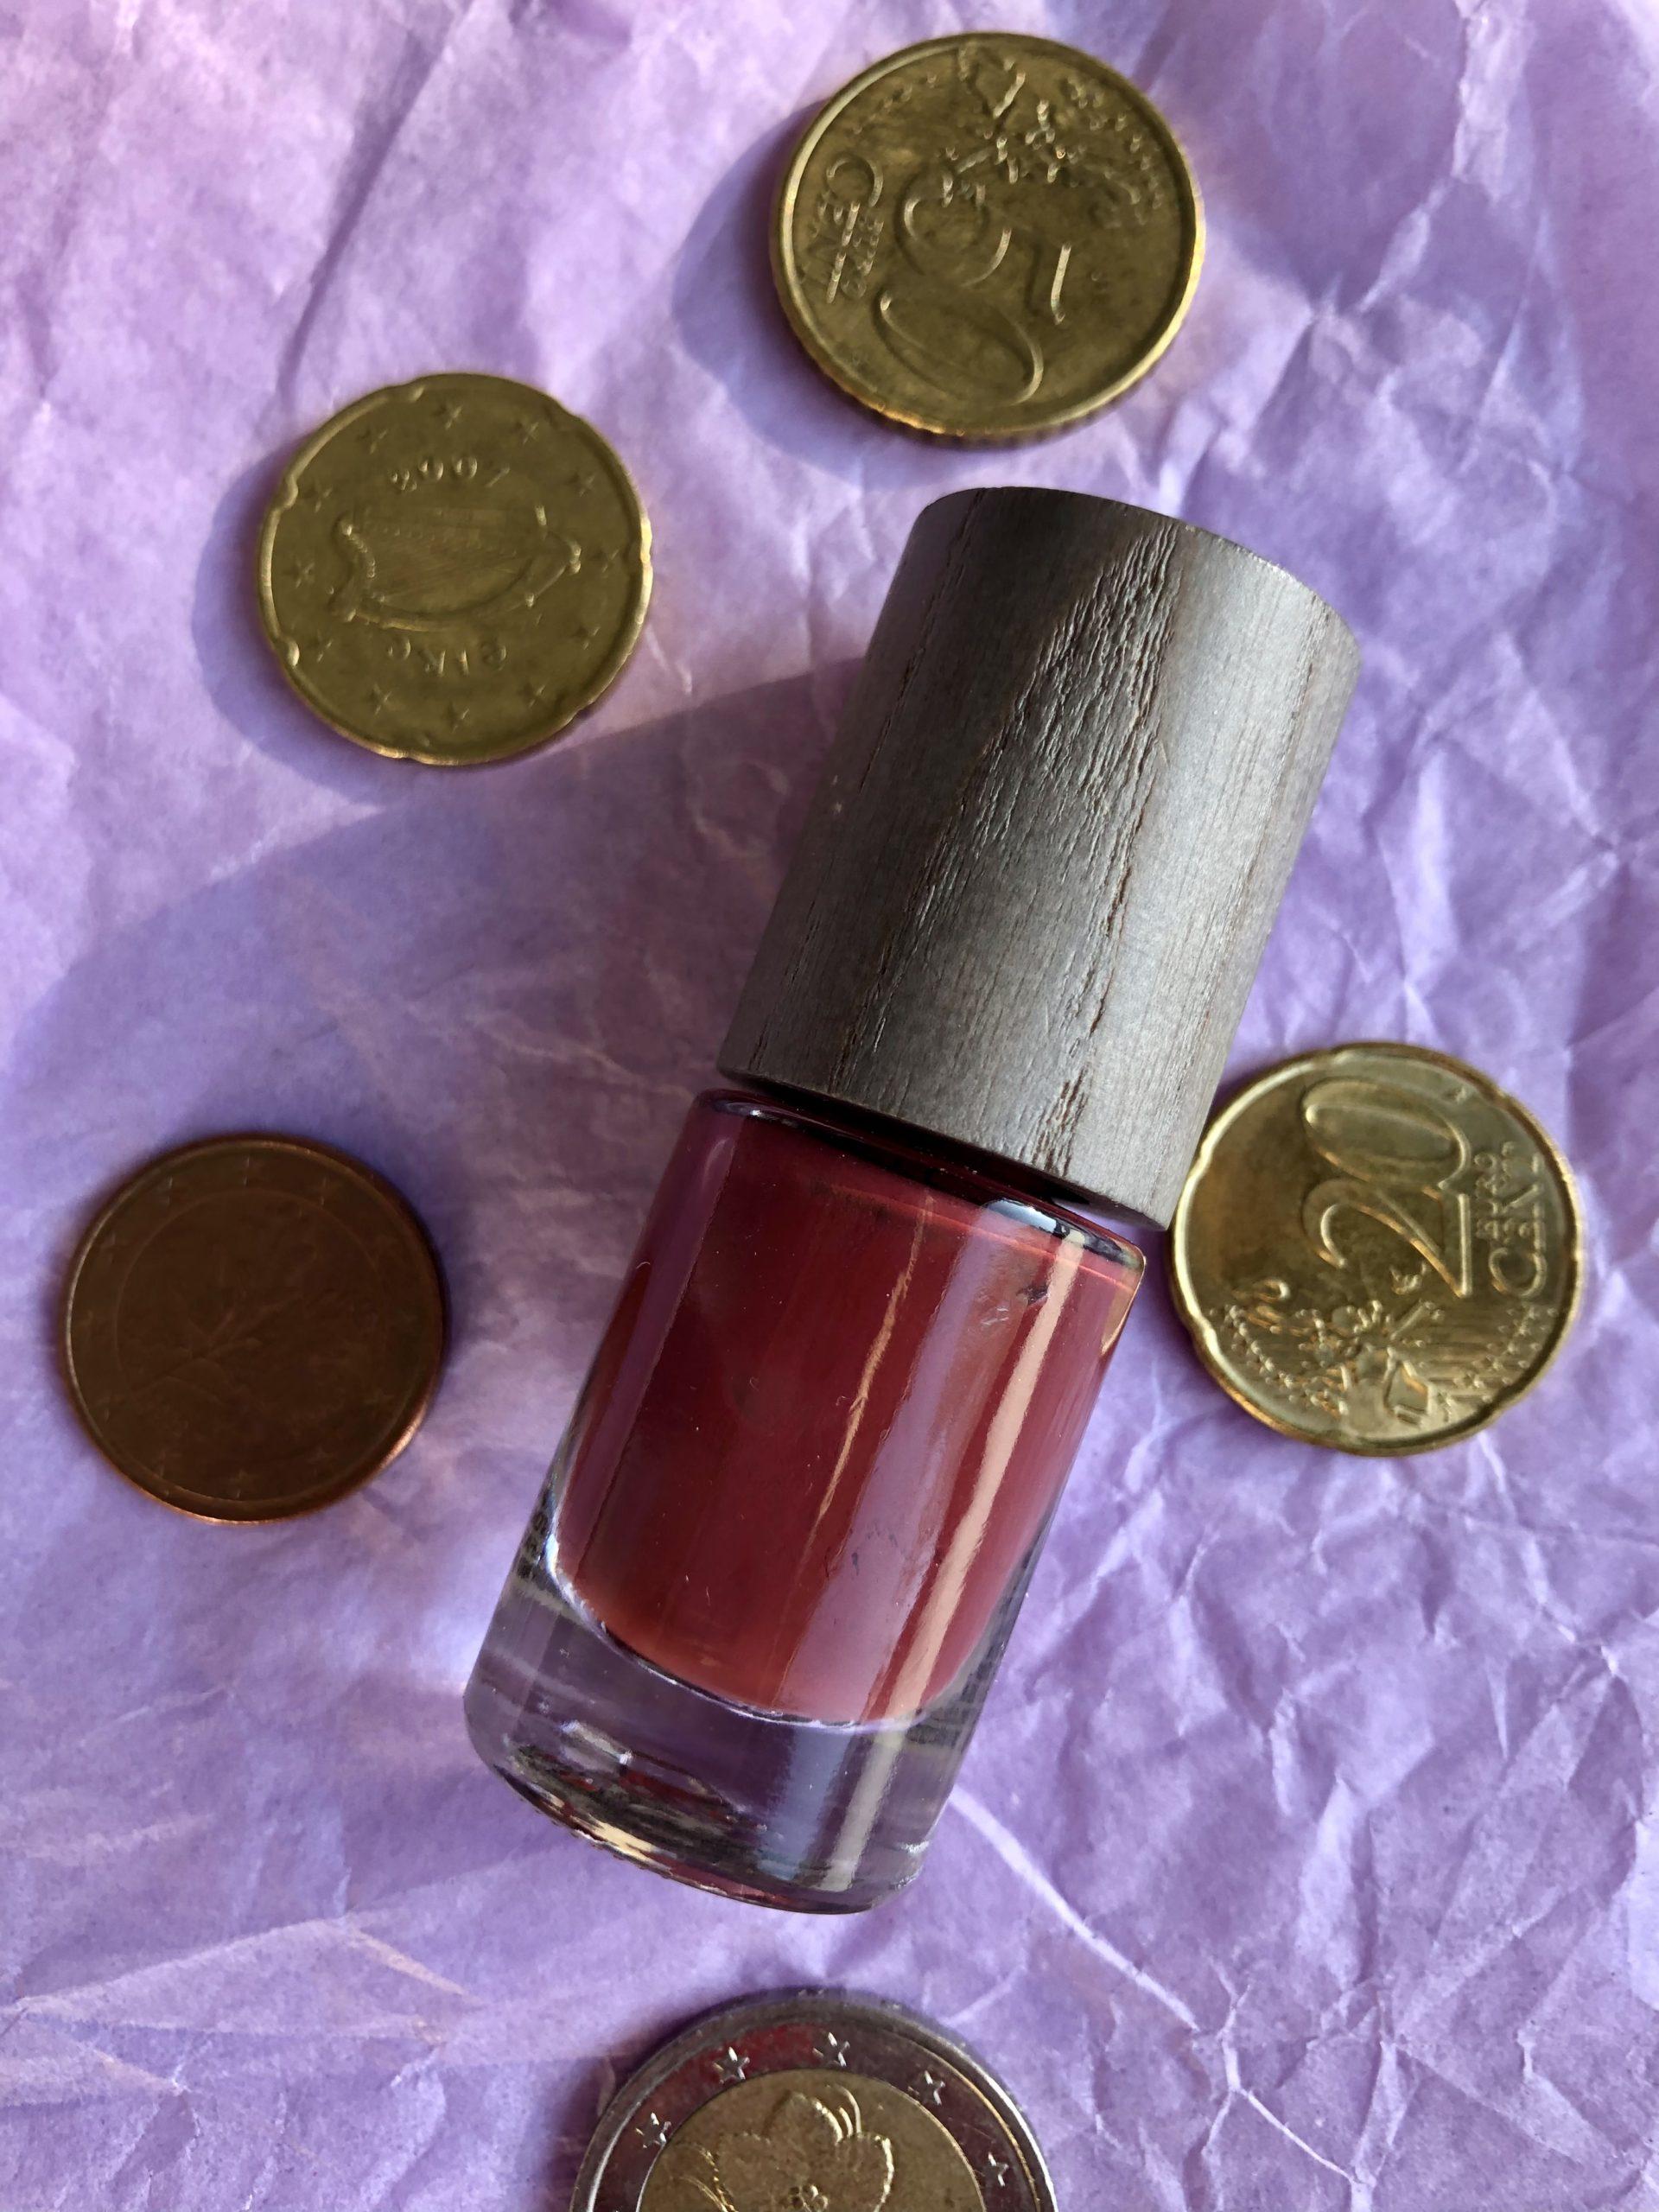 Alle 10 euroa maksavat meikit kynsilakka